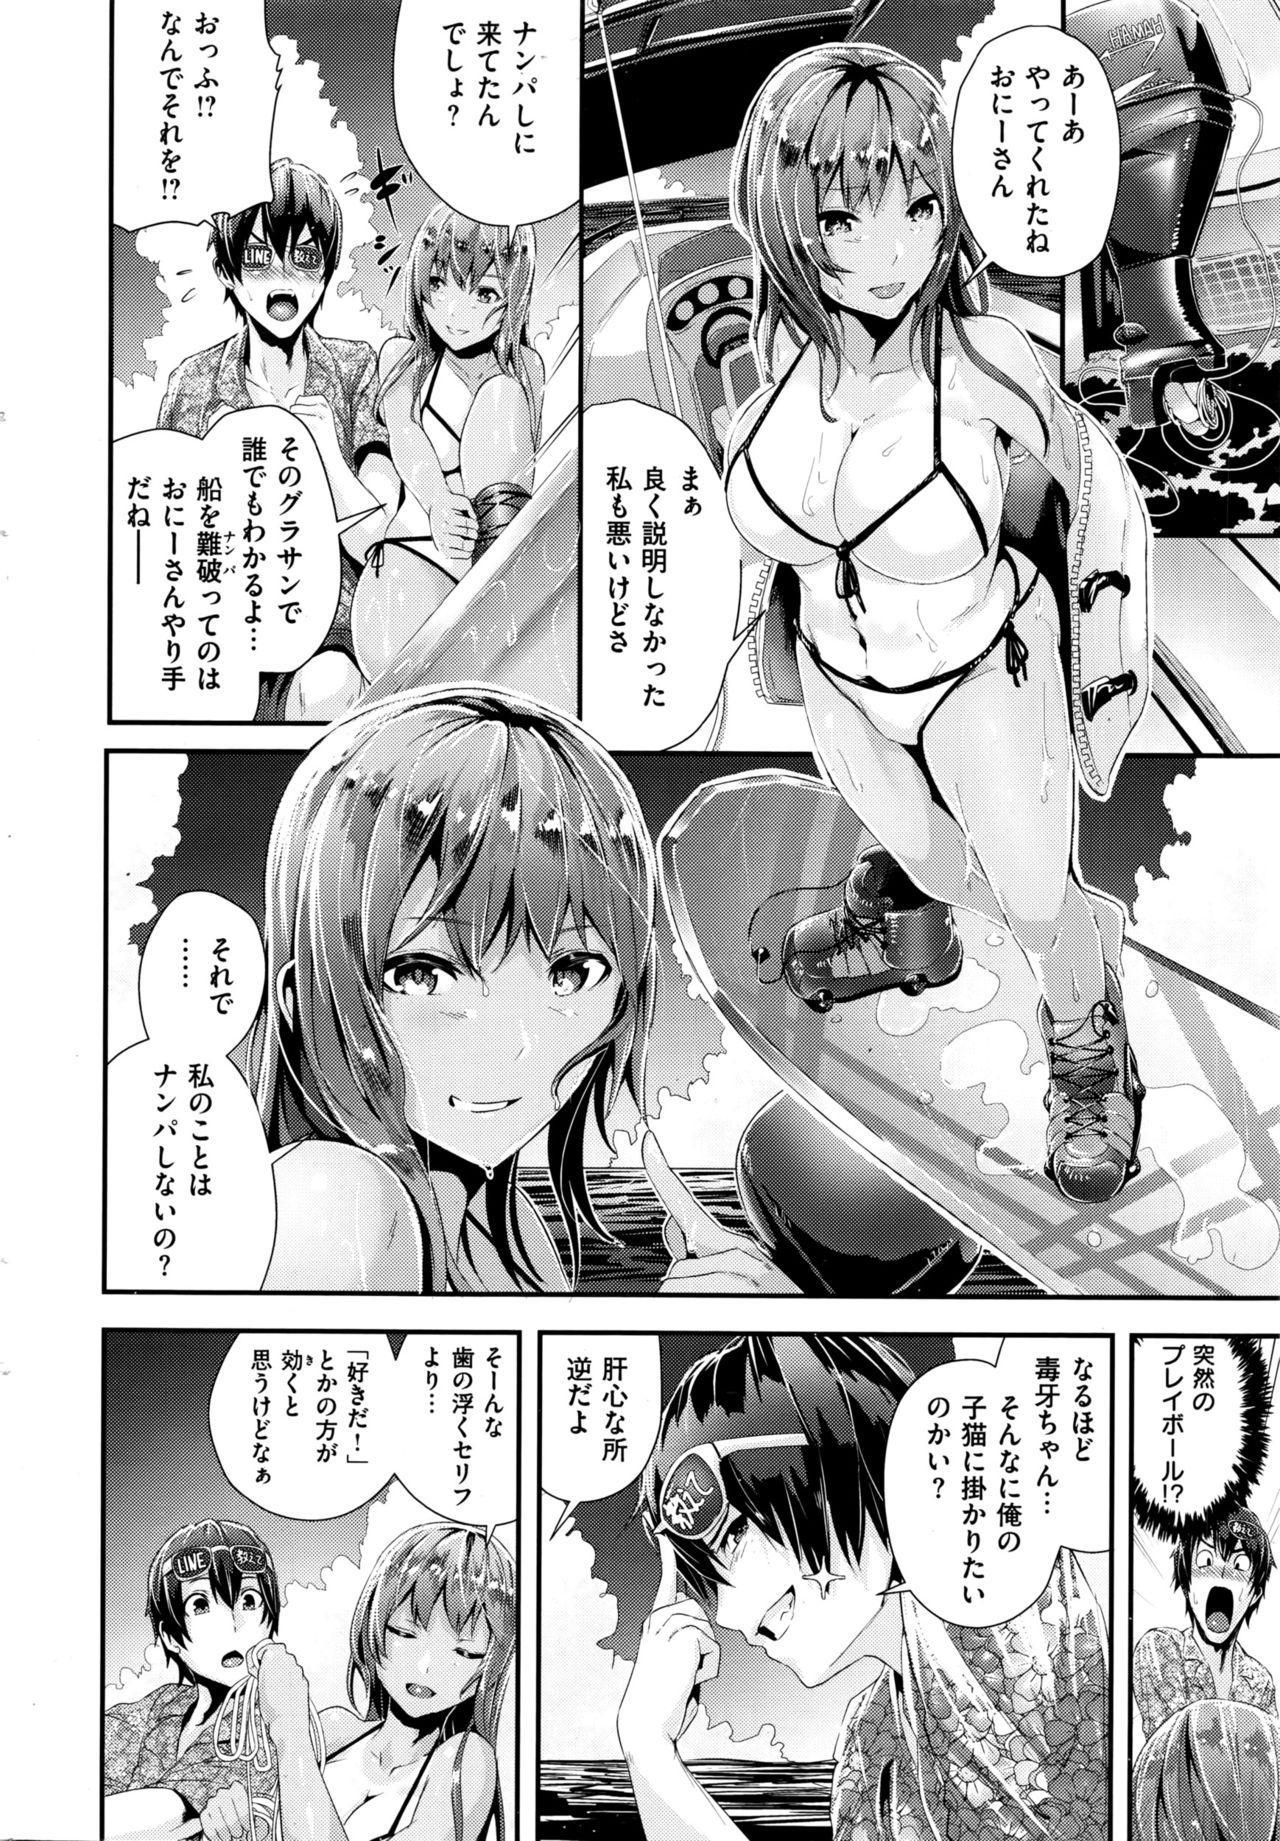 COMIC Kairakuten BEAST 2016-10 26